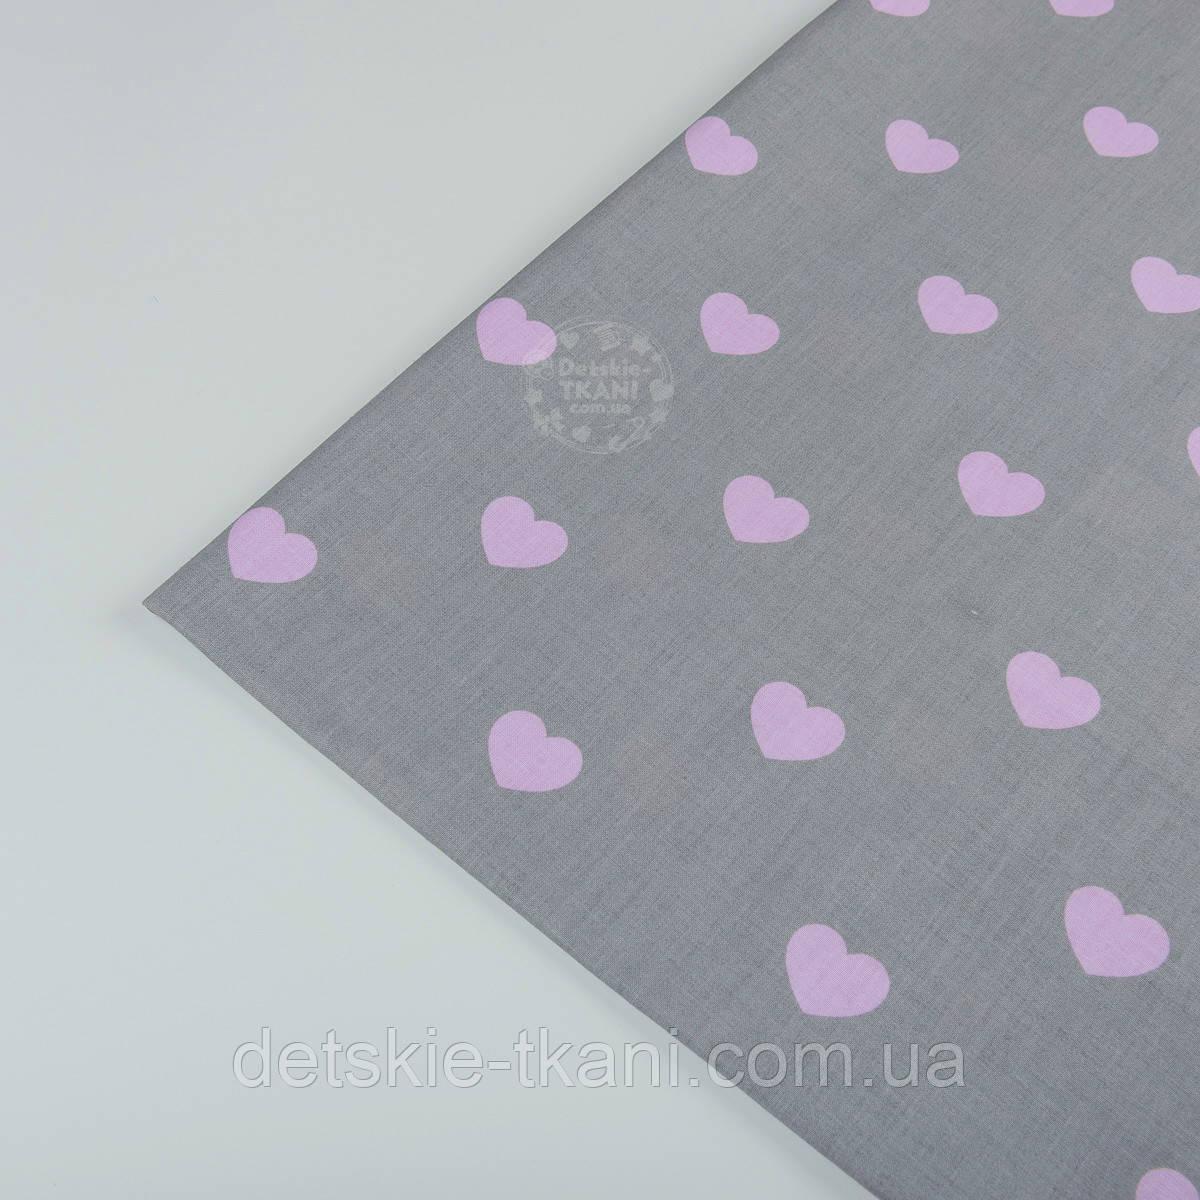 Лоскут ткани №404а  с розовыми сердечками на сером фоне, размер 24*53 см